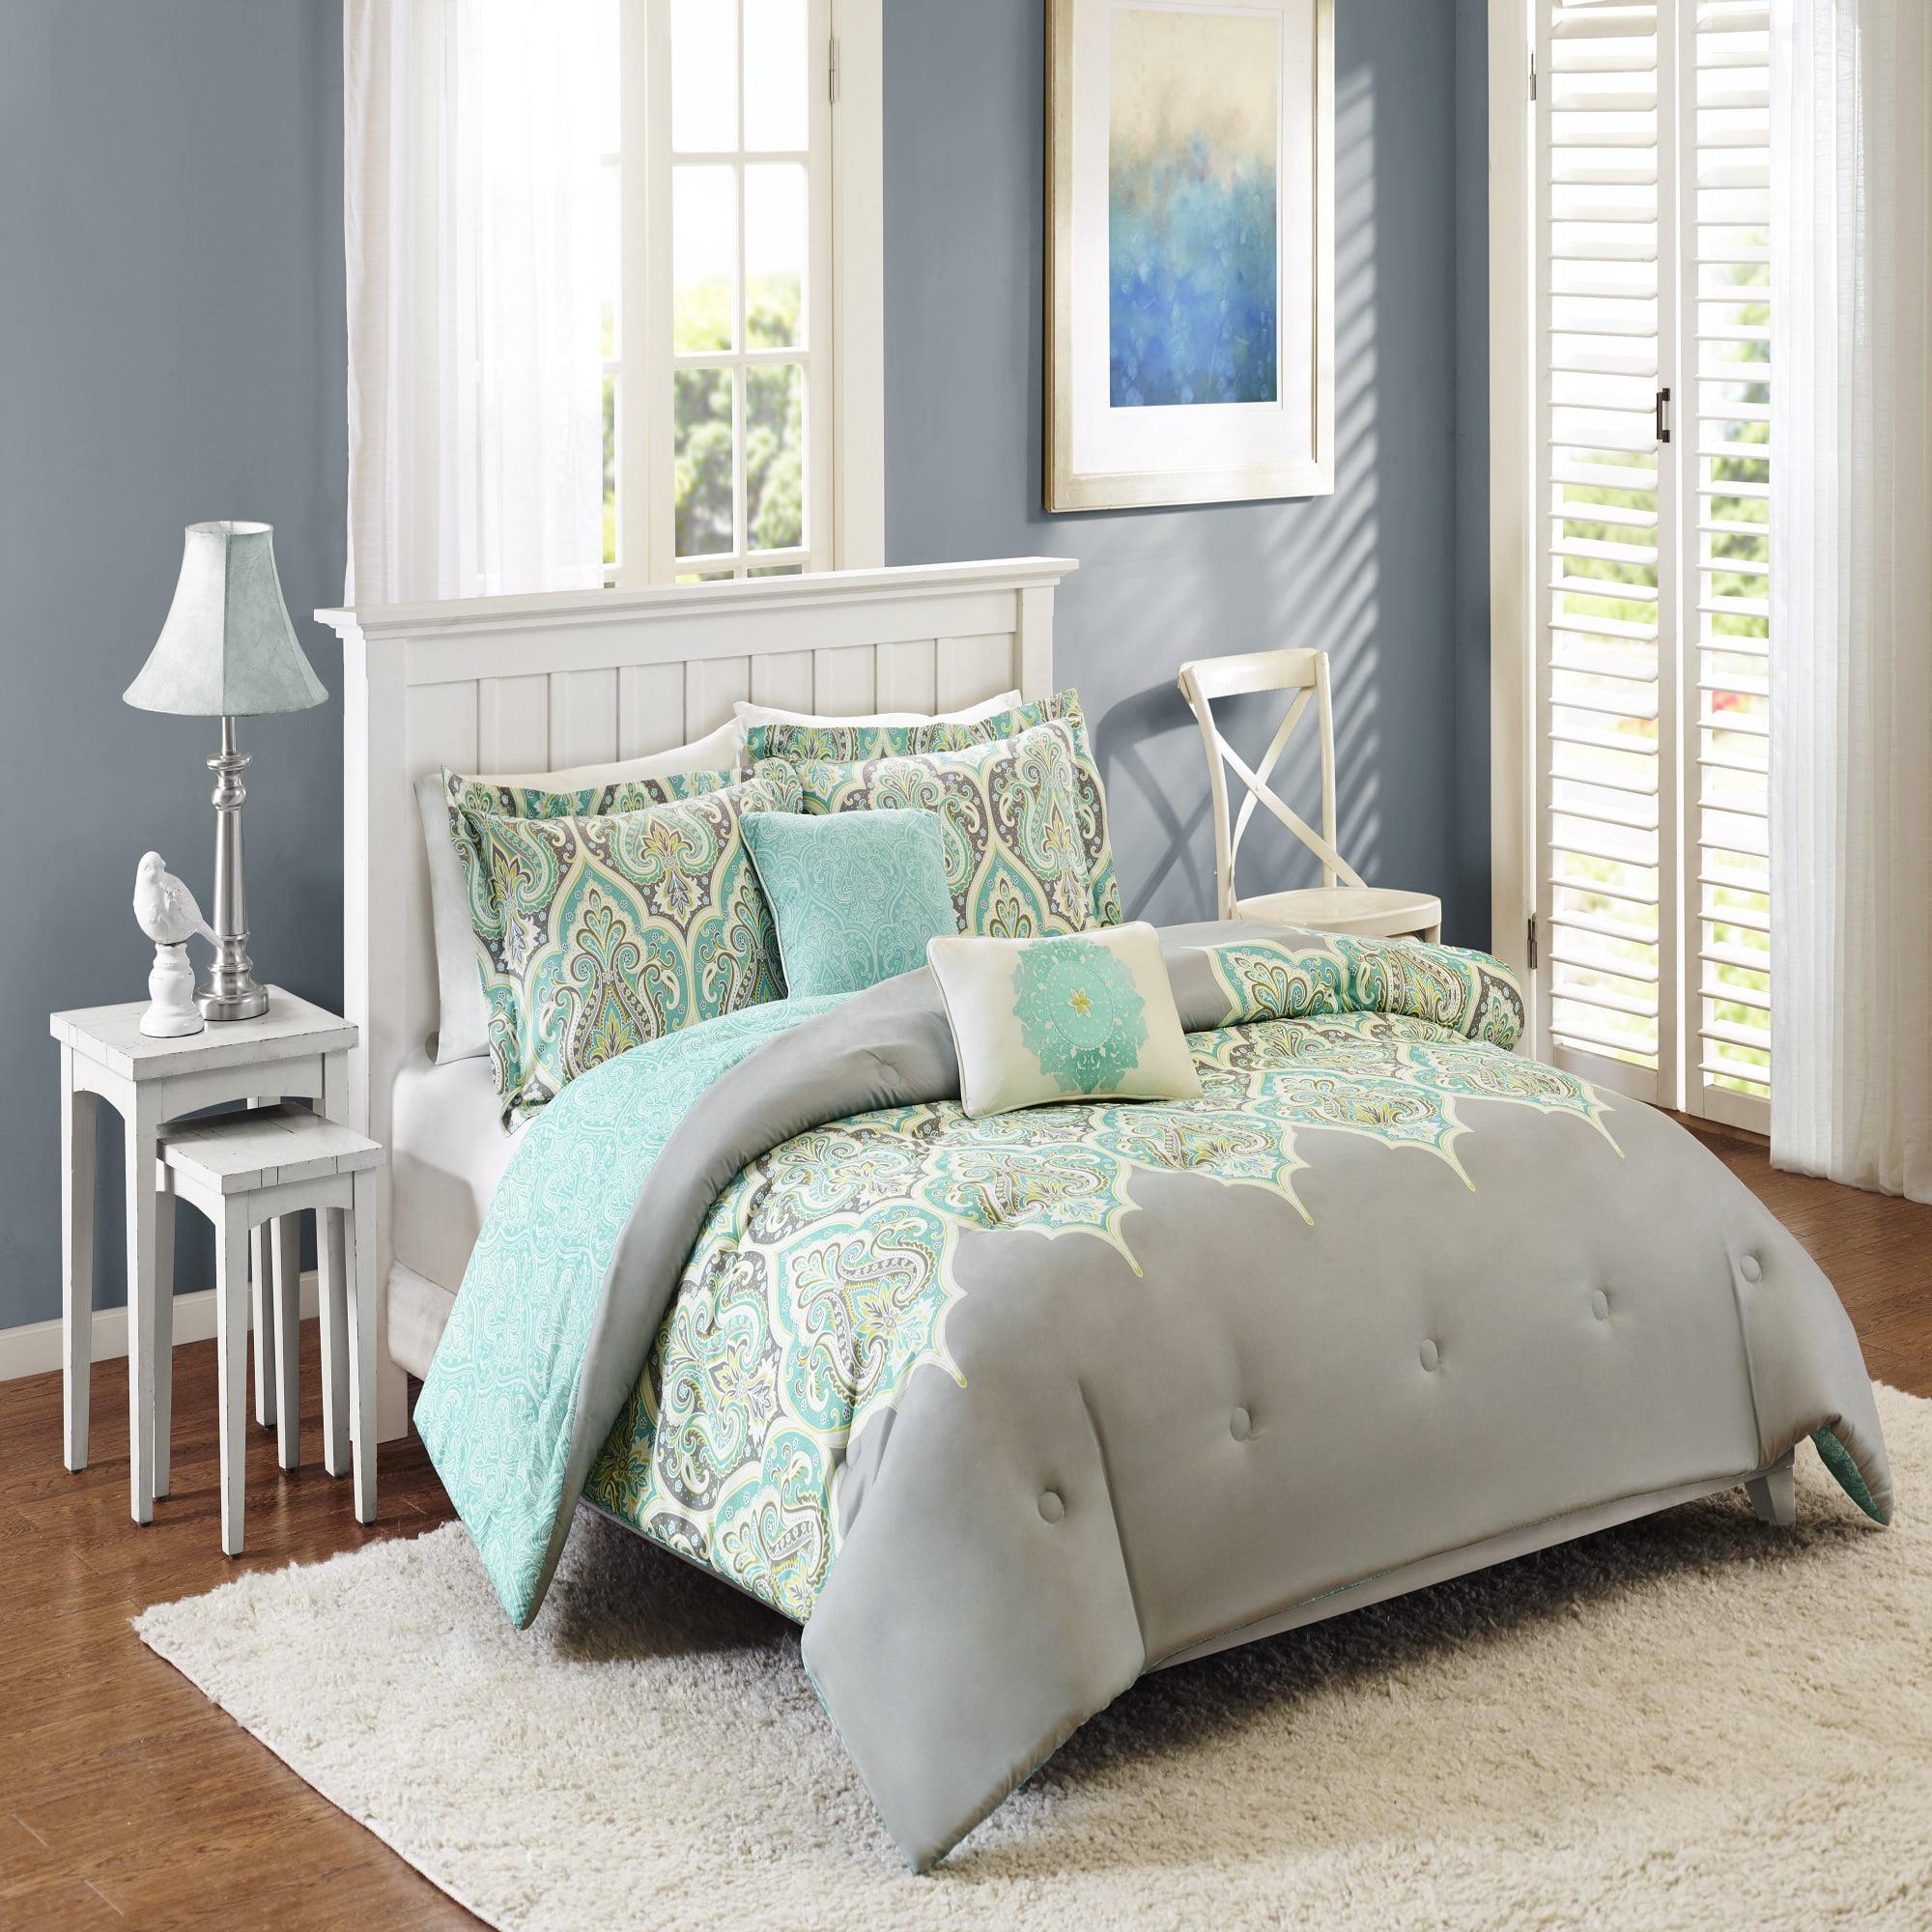 Better Homes & Gardens Full or Queen Kashmir Bedding Comforter Set, 5 Piece